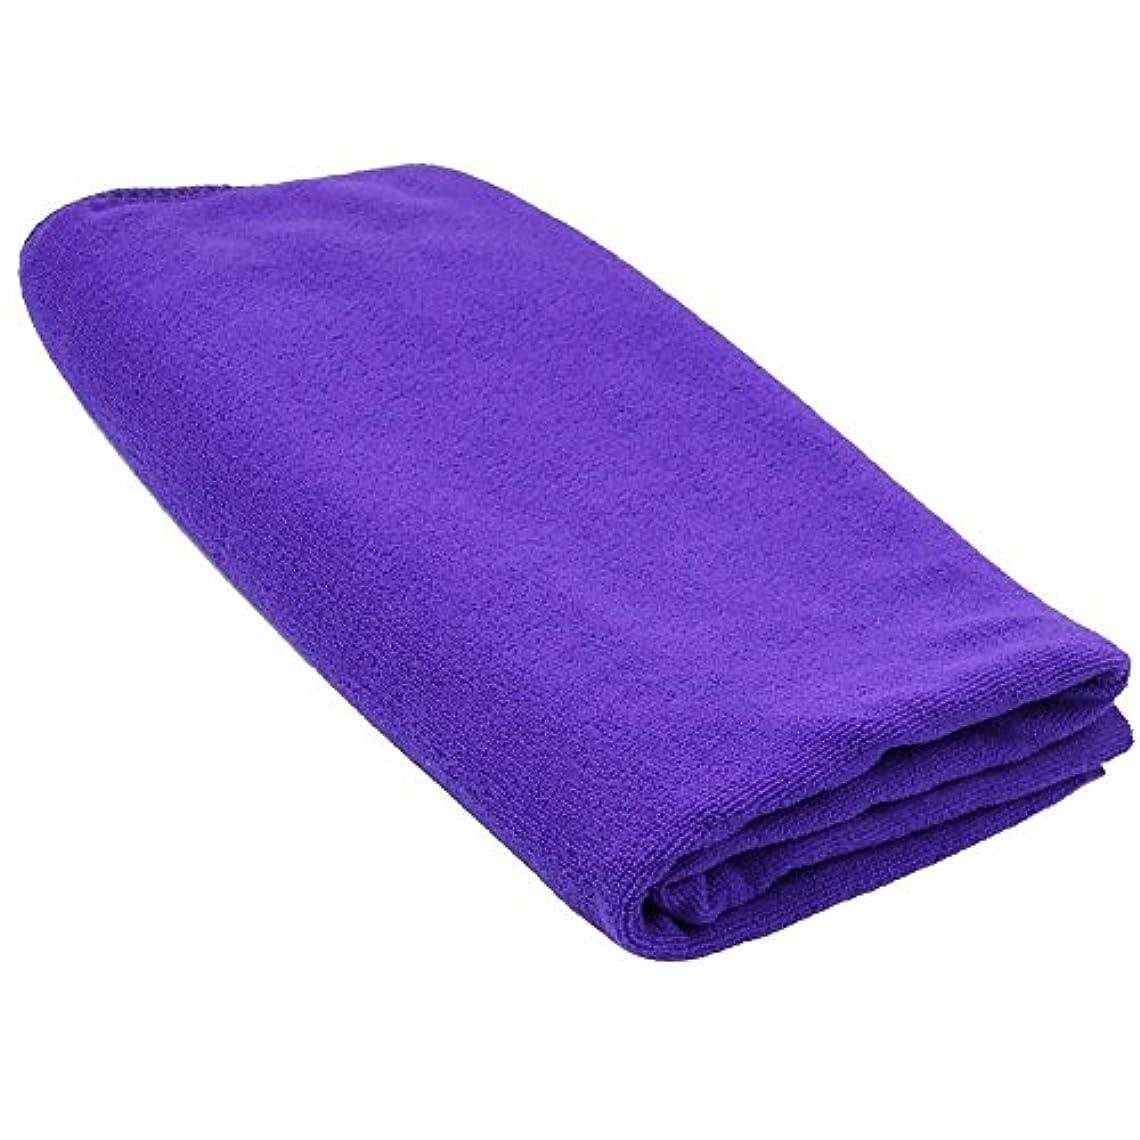 チャレンジ司法線SODIAL(R) 耐久性がある速乾性マイクロファイバーバスタオル 旅行 ジム キャンプ スポーツ用 紫